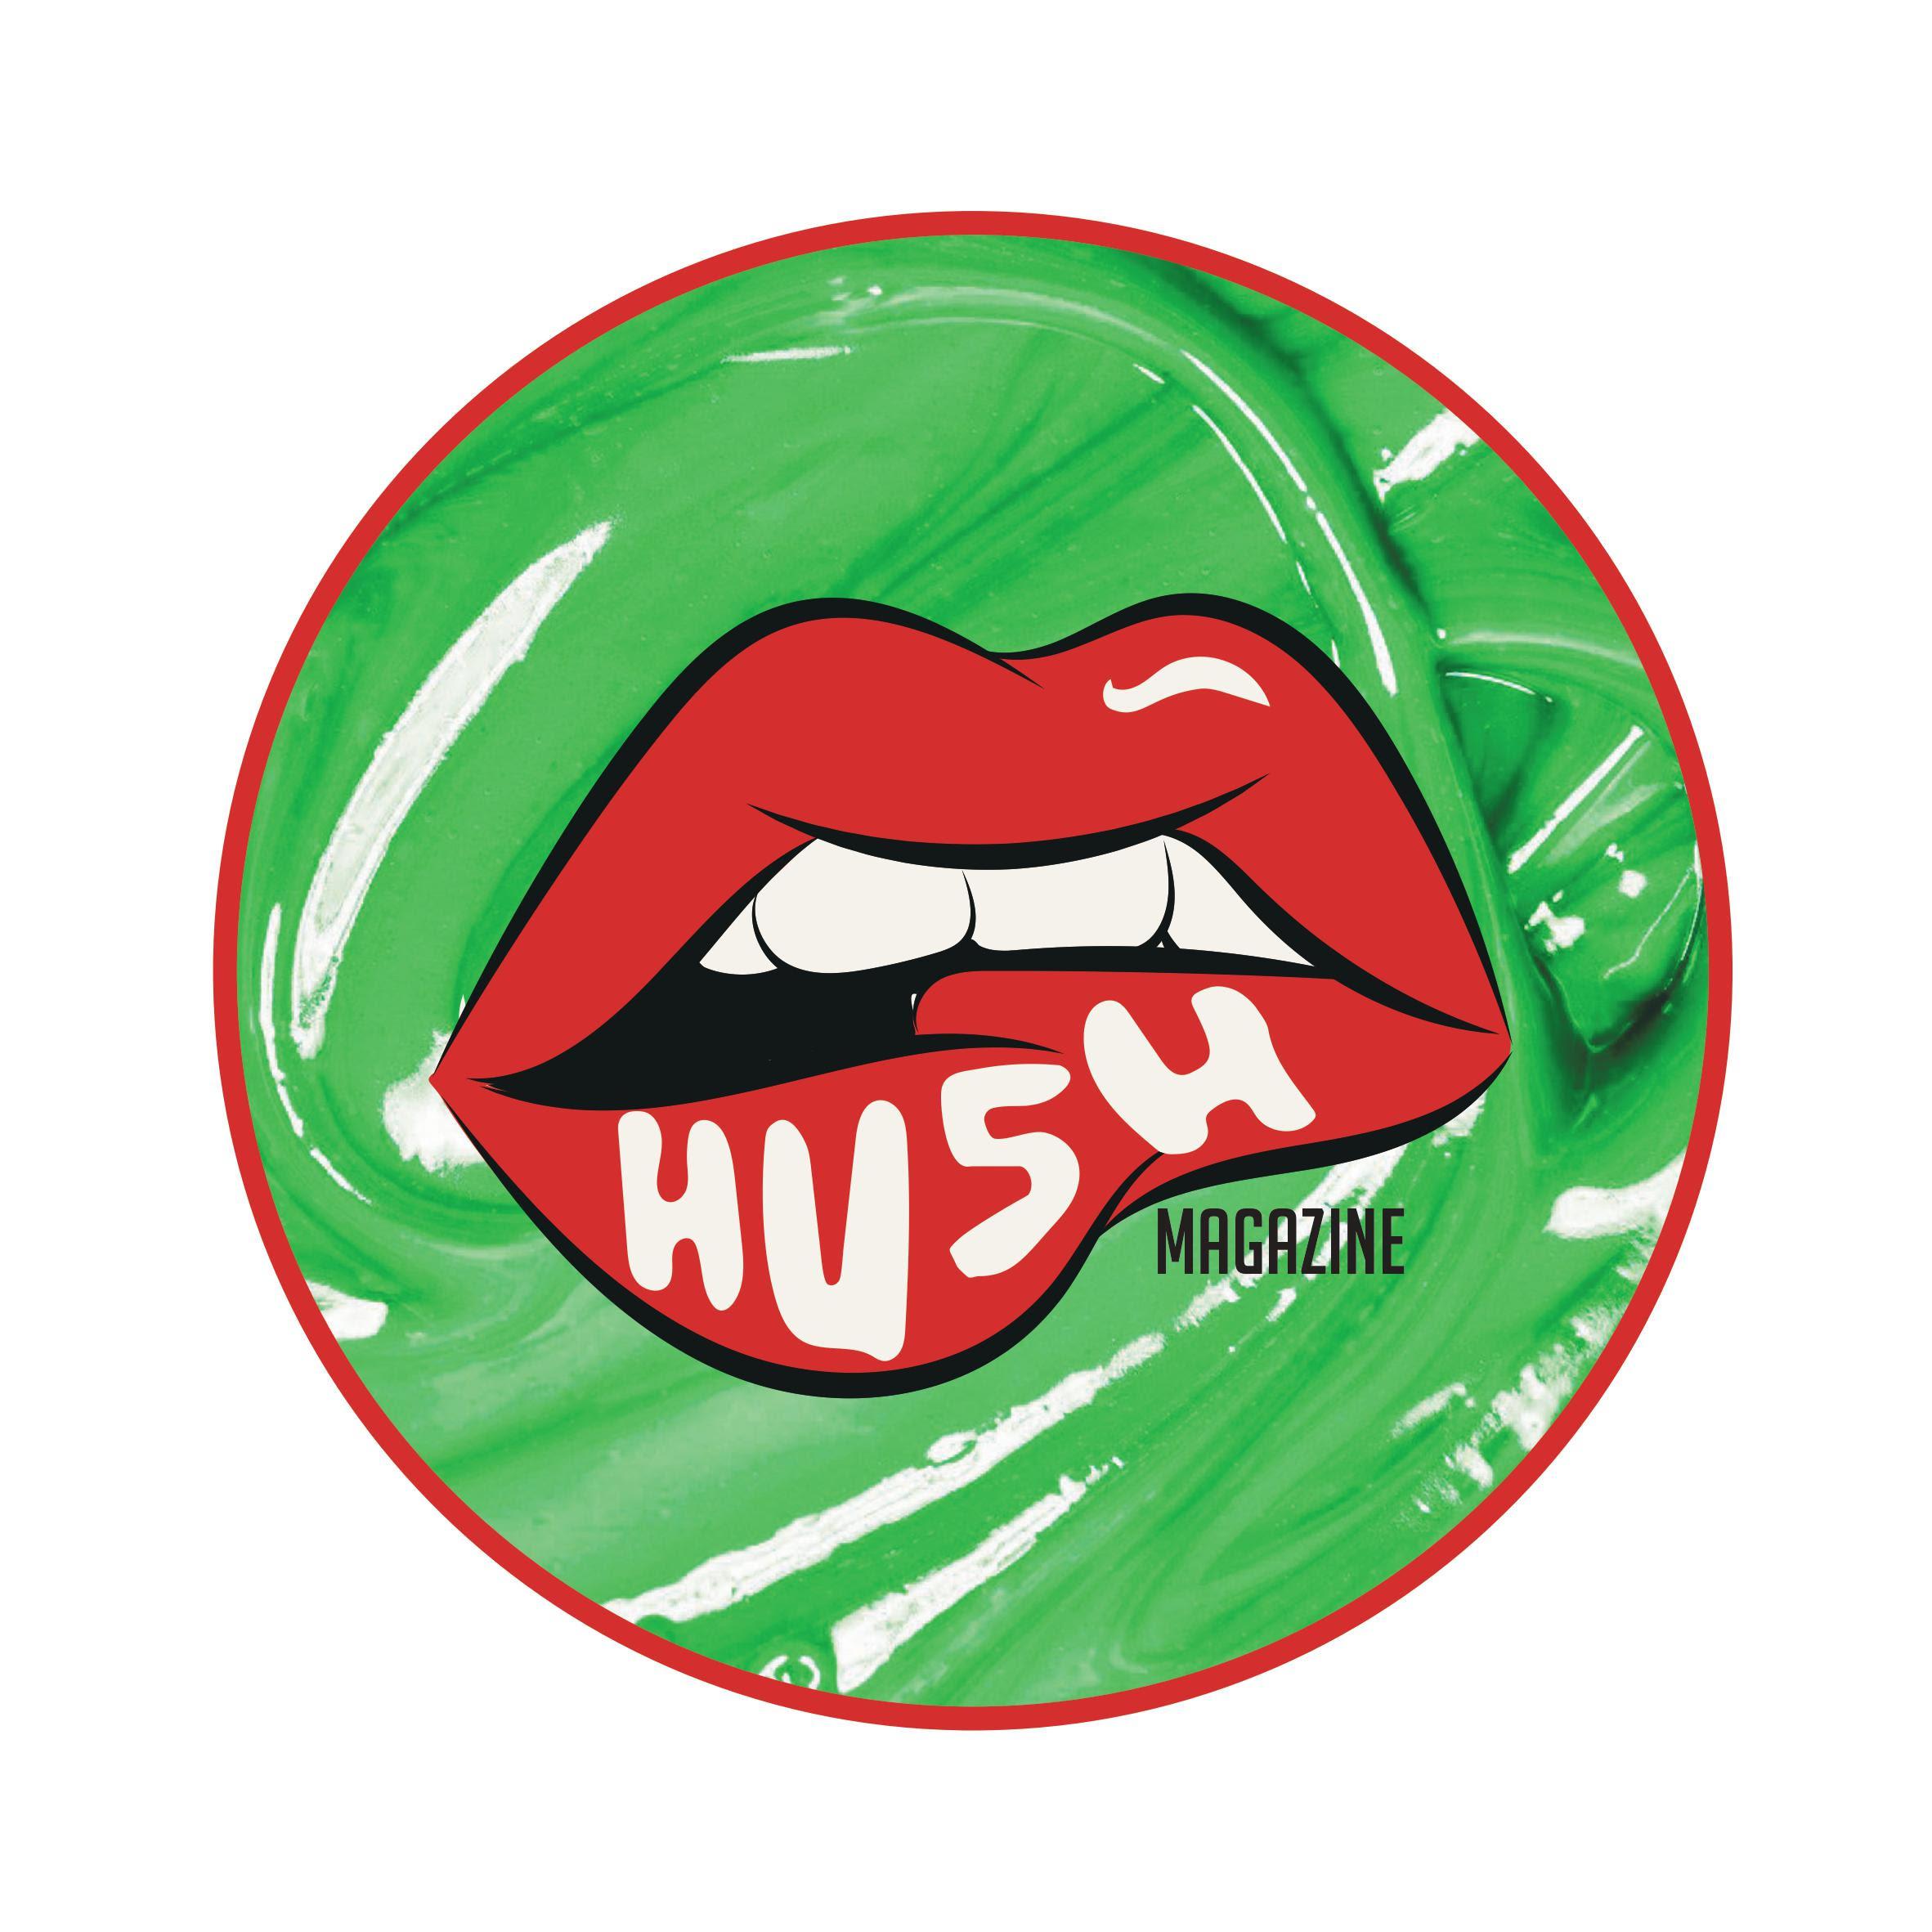 HUSH Magazine